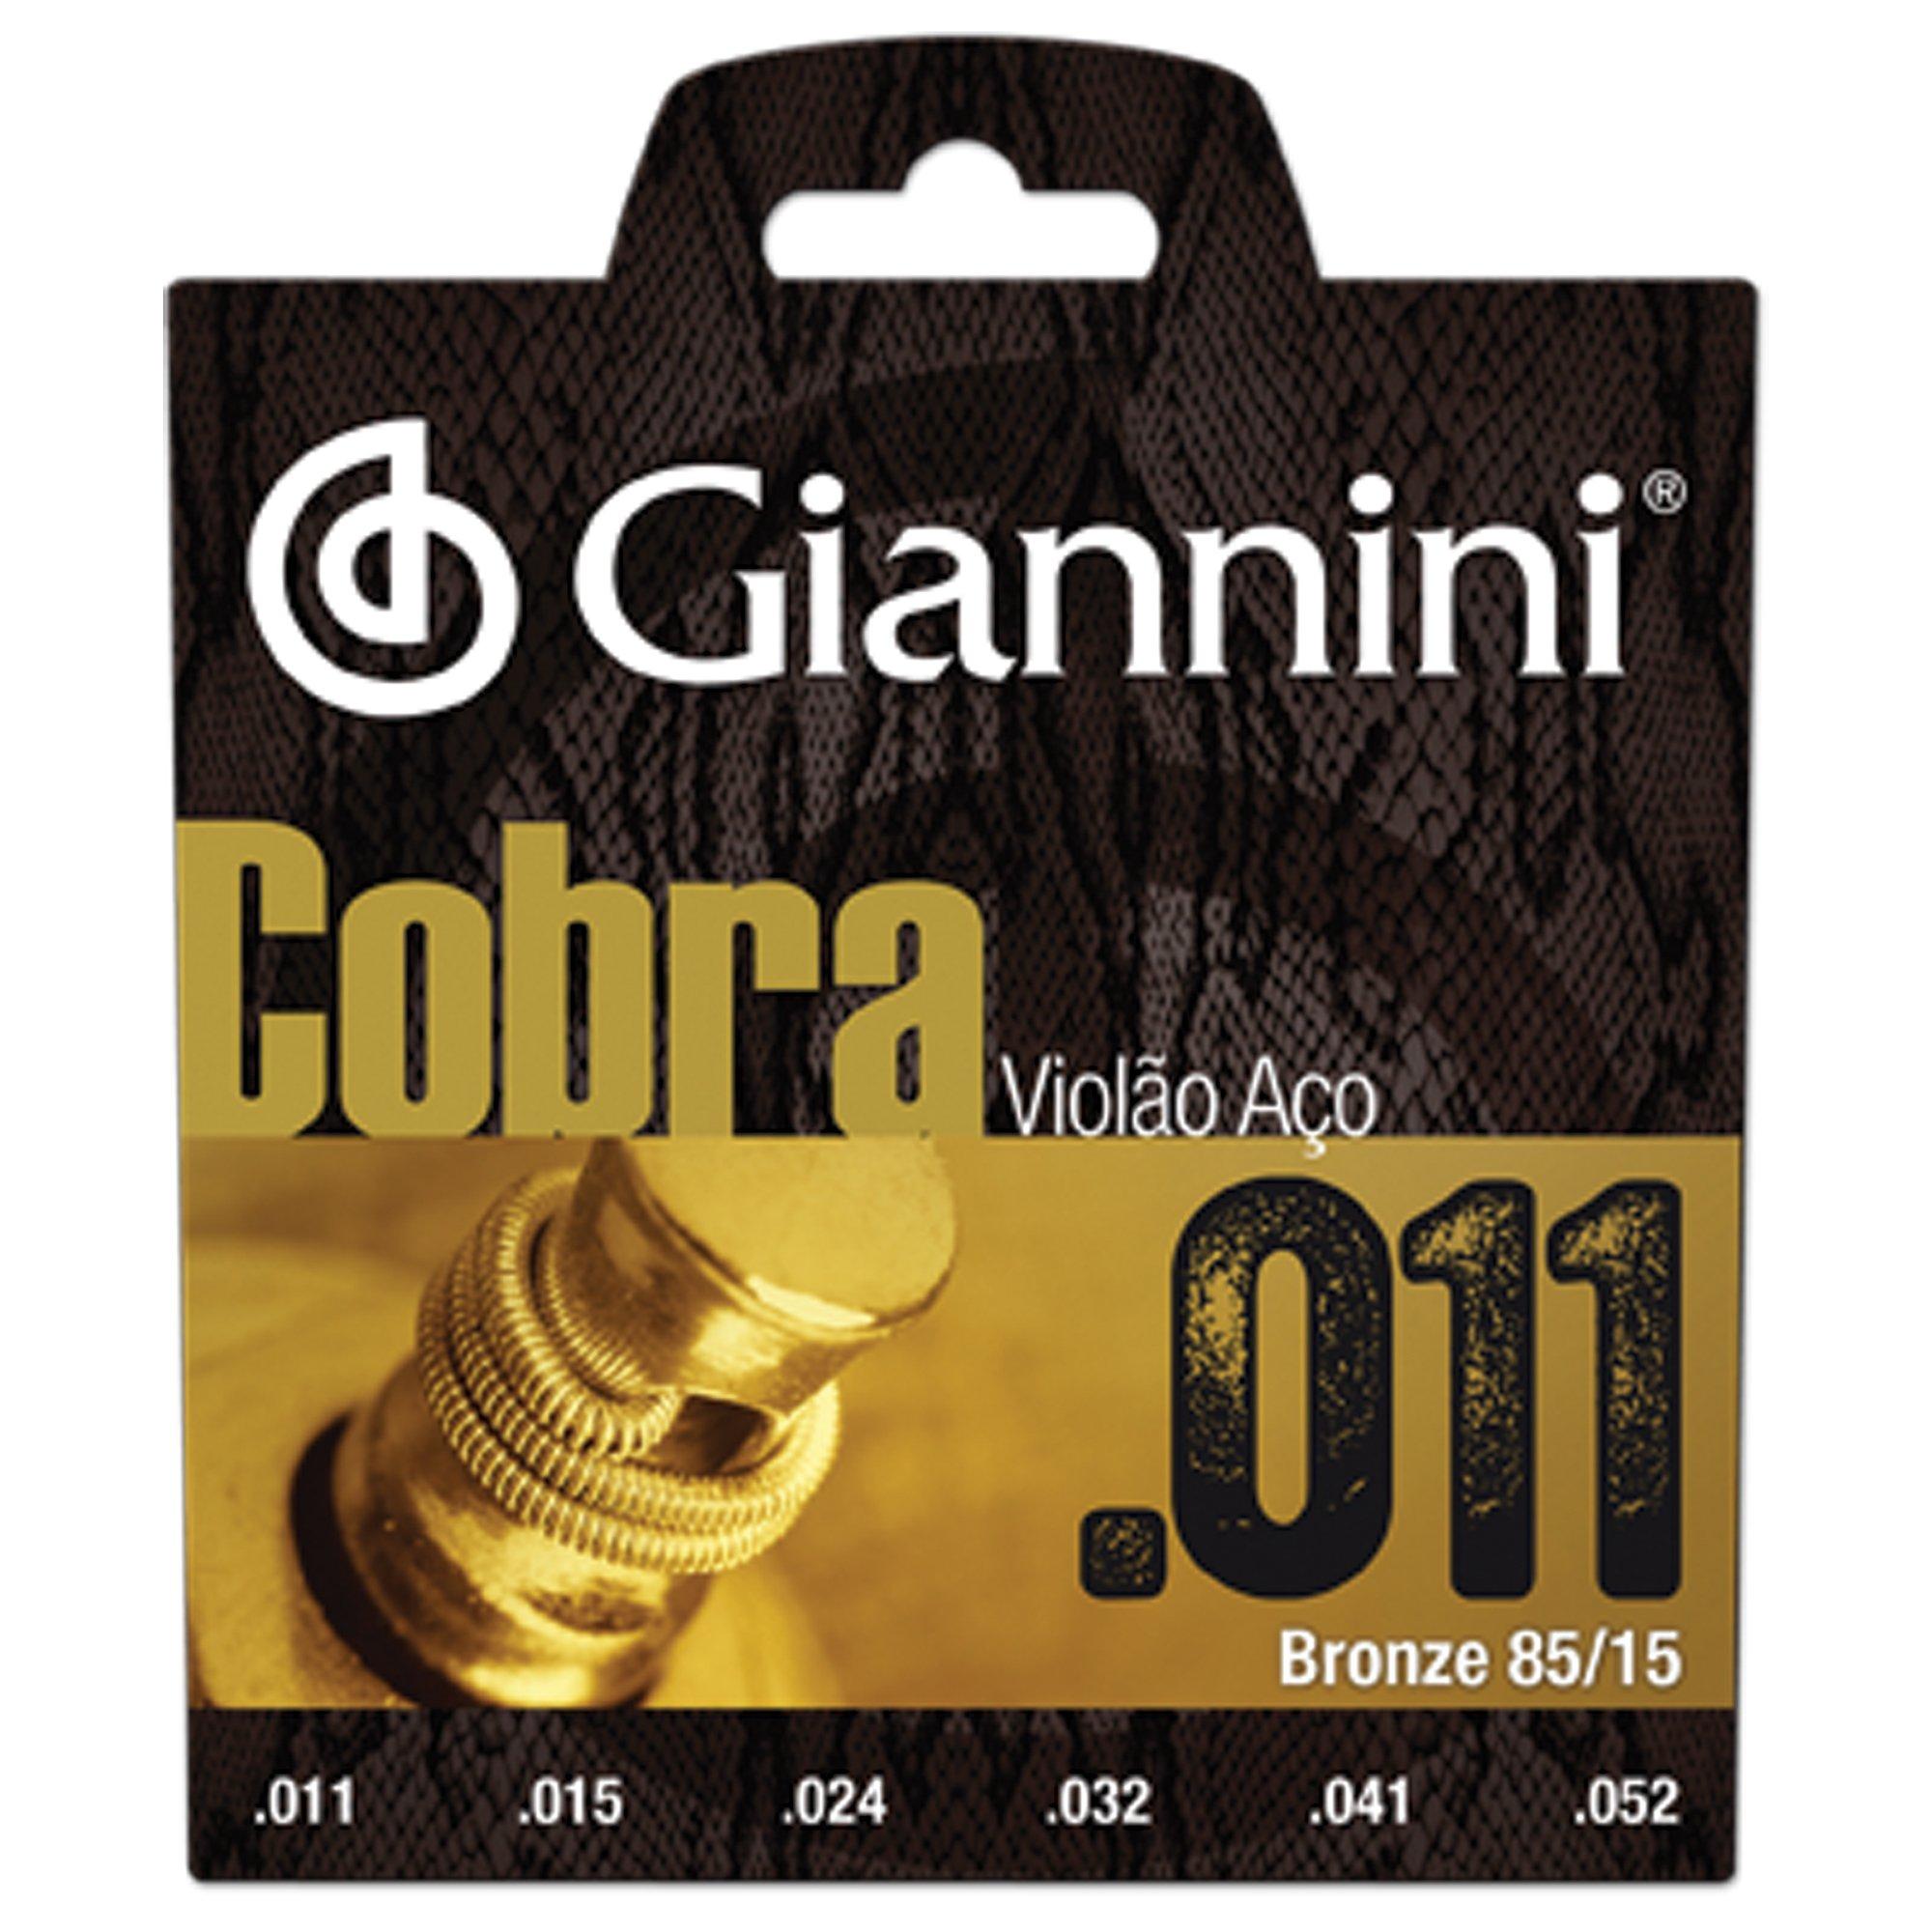 Encordoamento Giannini Cobra Violão Aço .011